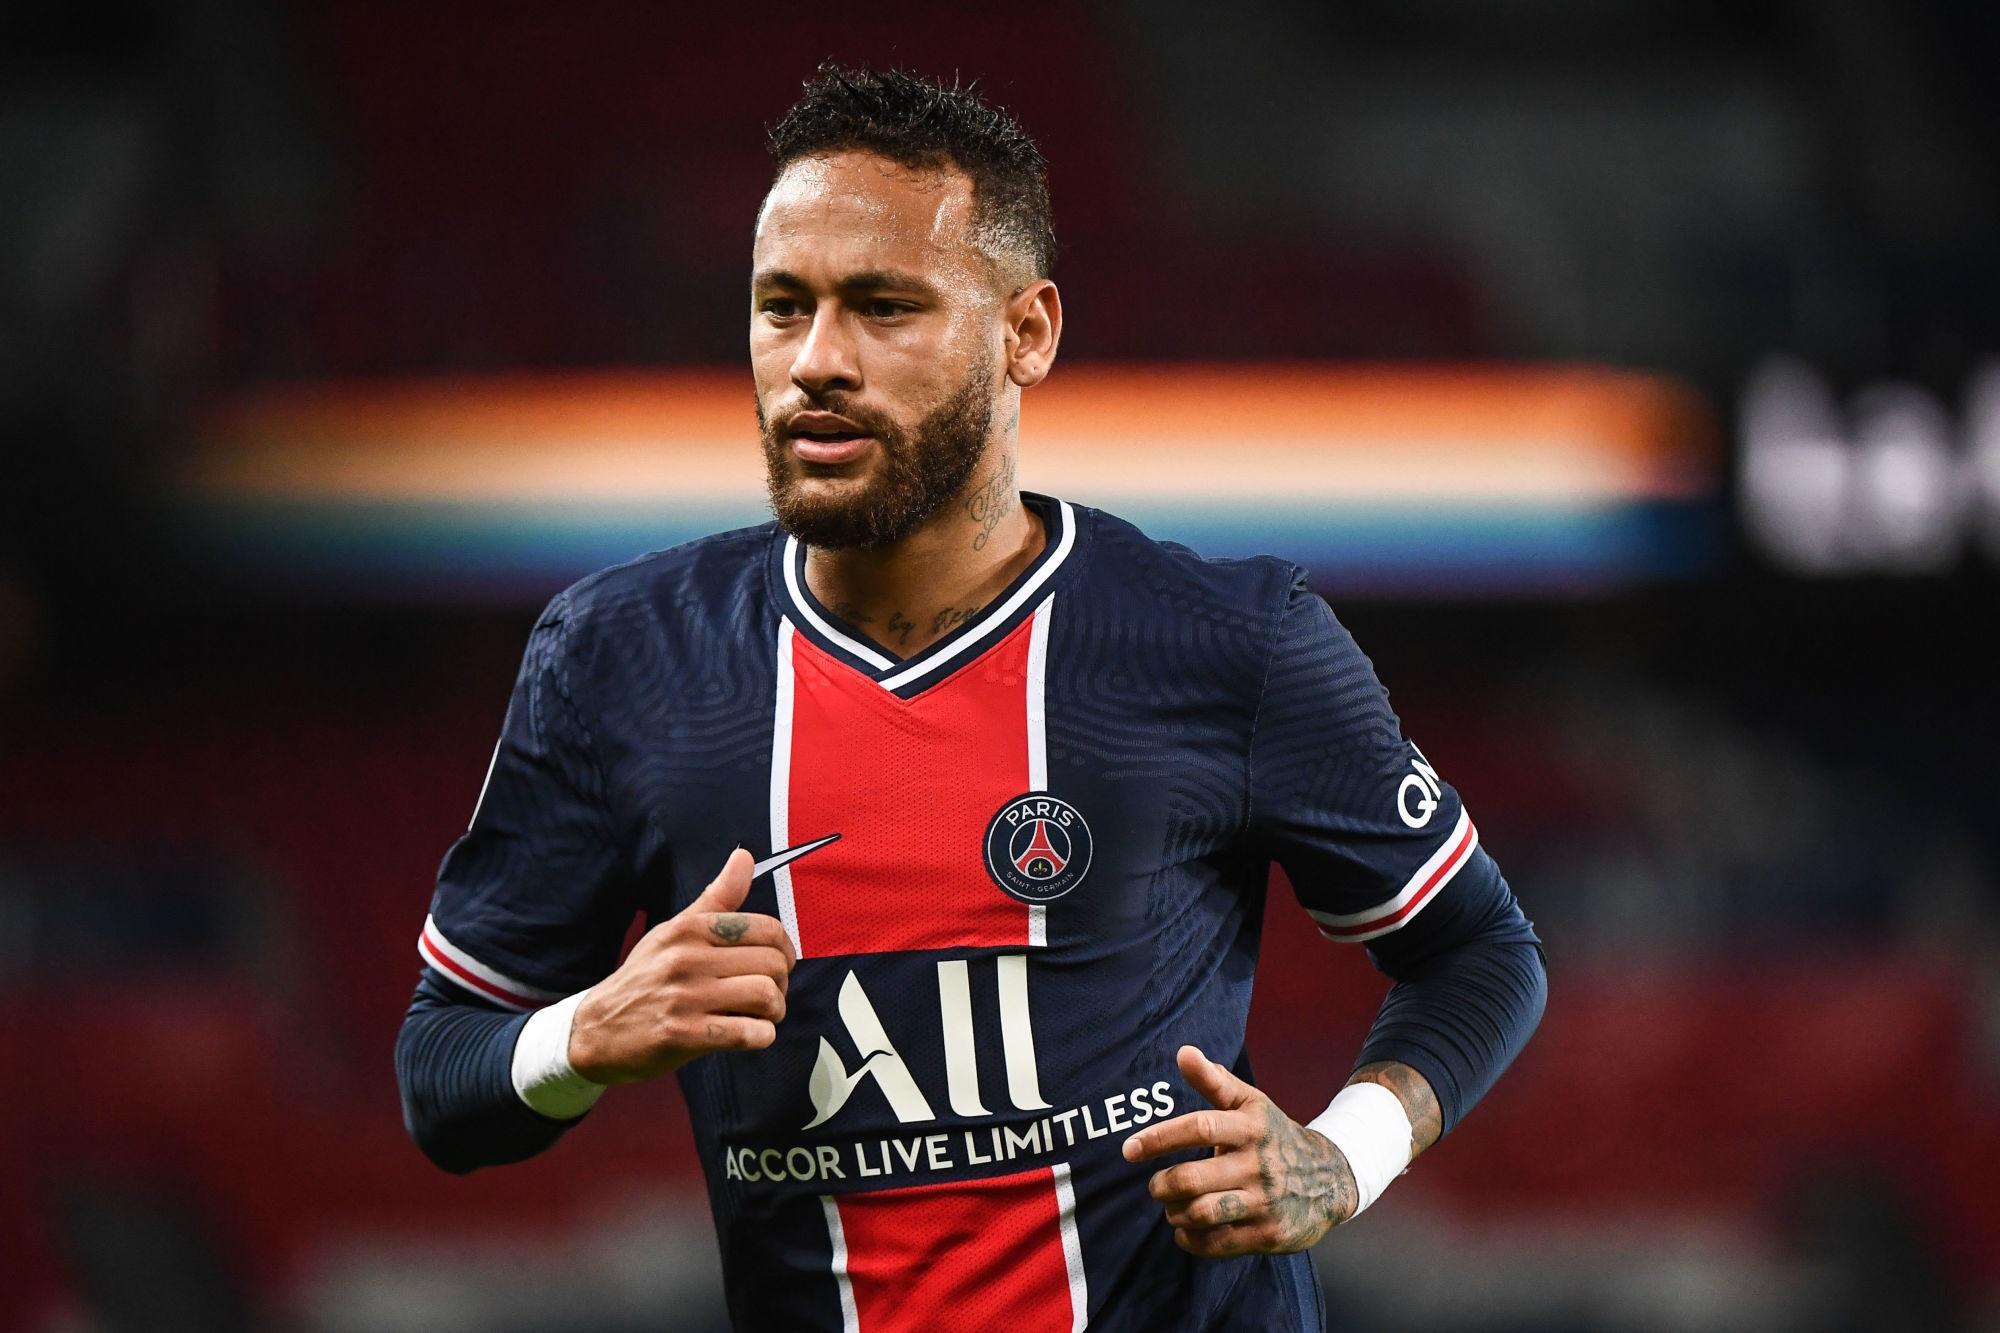 """Mercato - Sky Sports évoque une """"discussion"""" en cours entre Neymar et le PSG"""